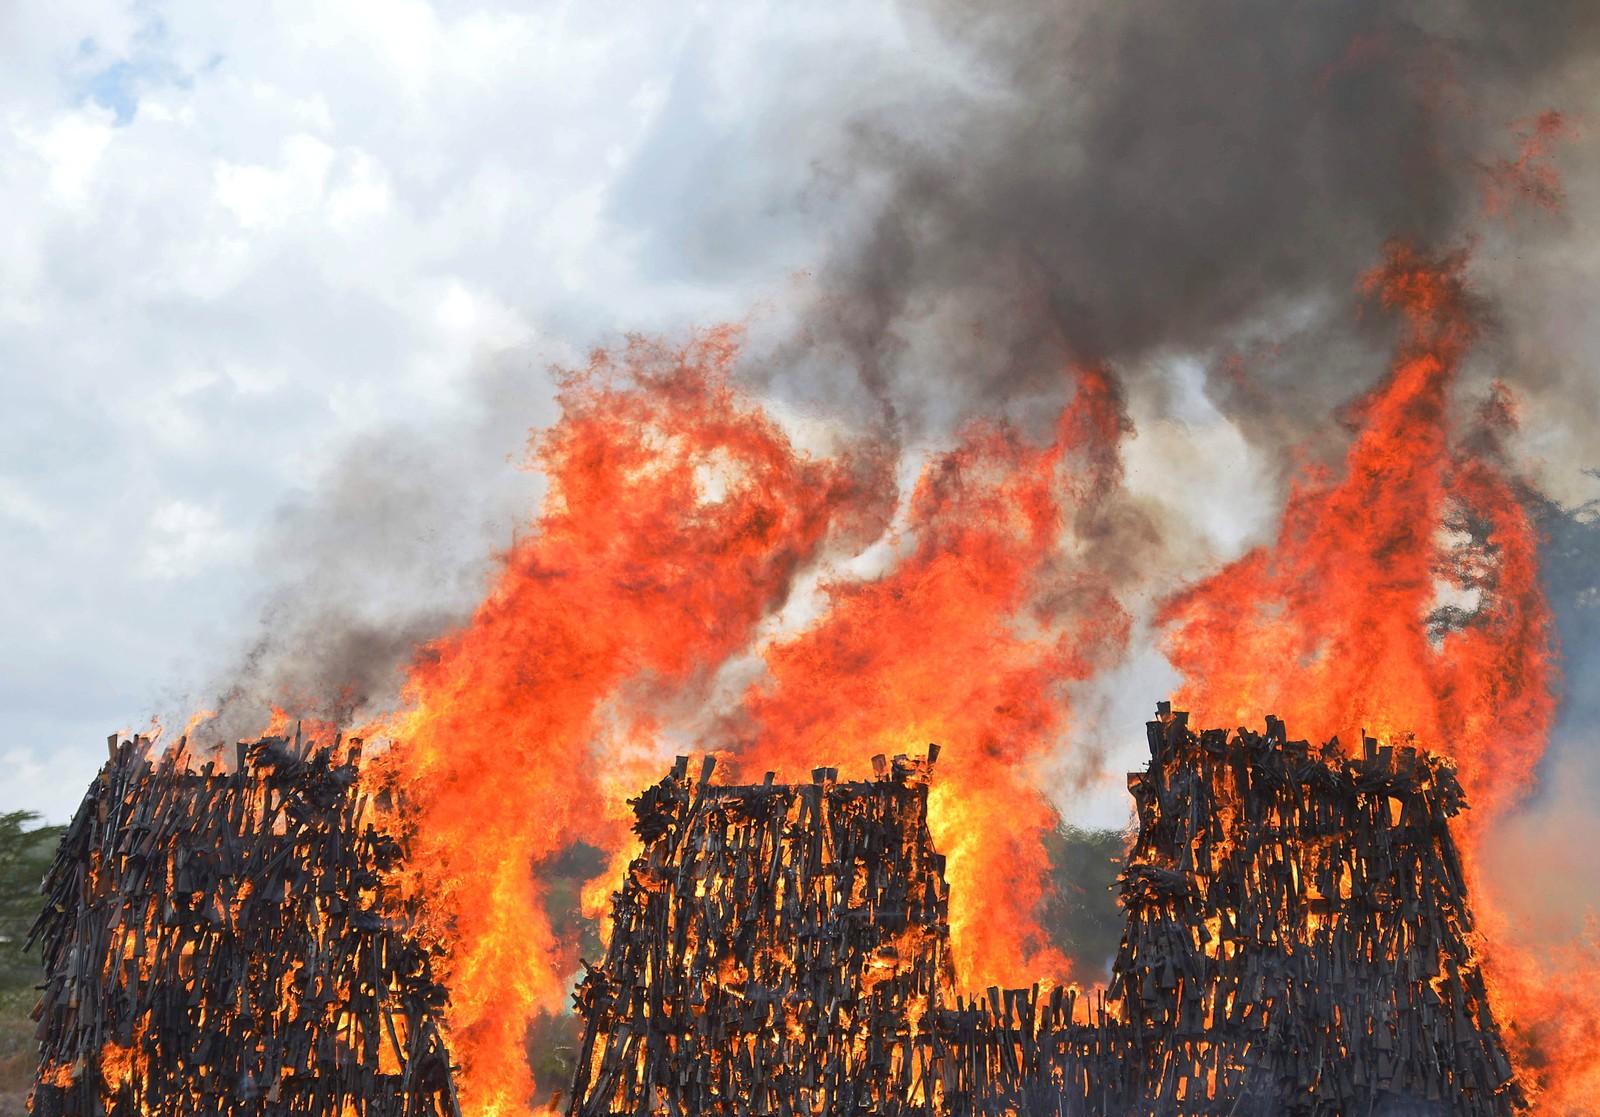 En haug med våpen går opp i røyk i Ngong i Kenya. Våpnene er ulovlige og har vært i kriminelles hender.